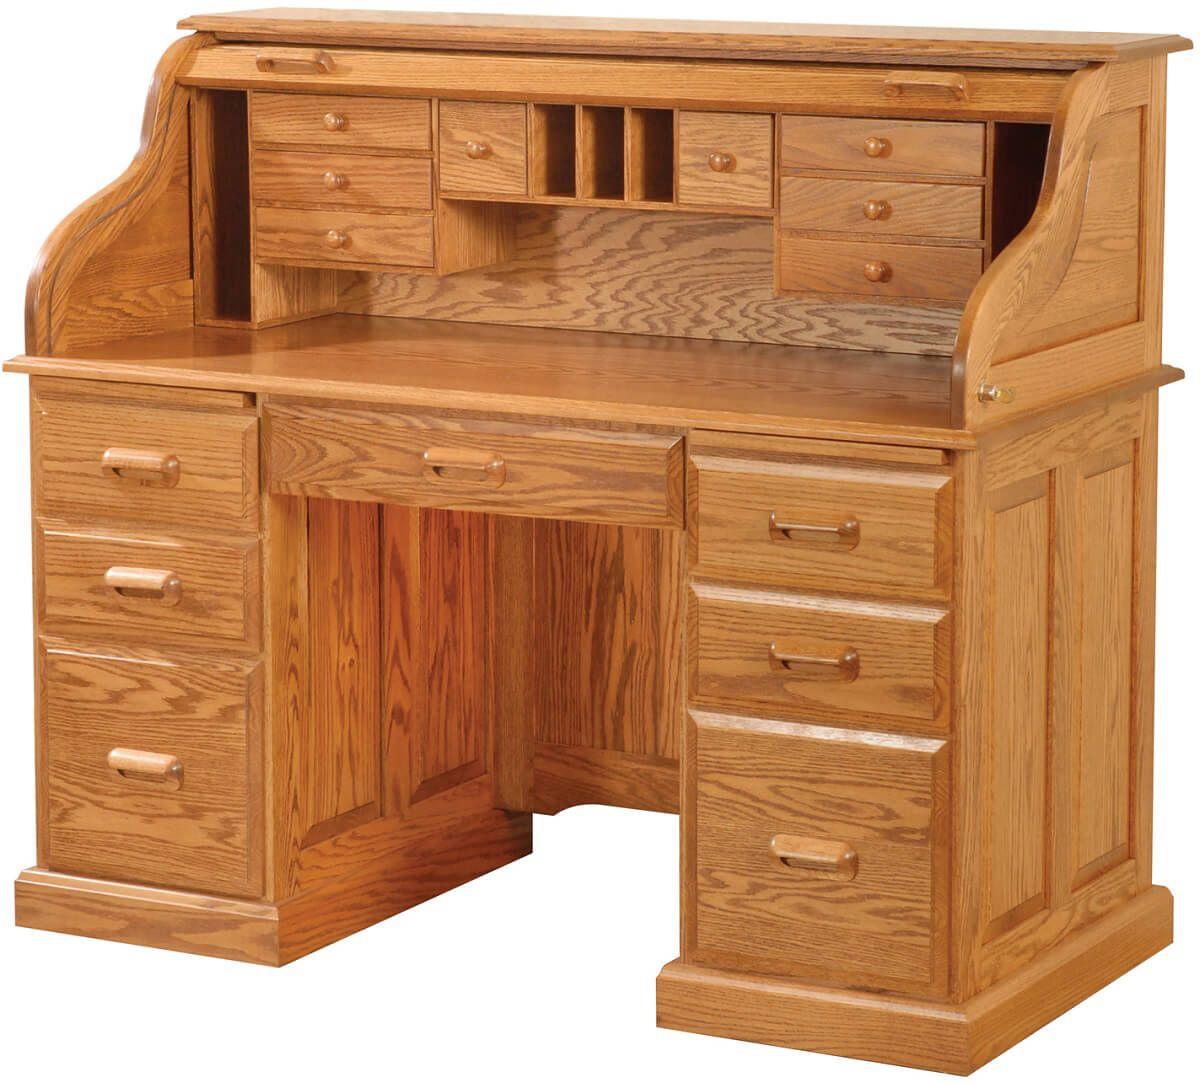 Consultant's Roll Top Desk